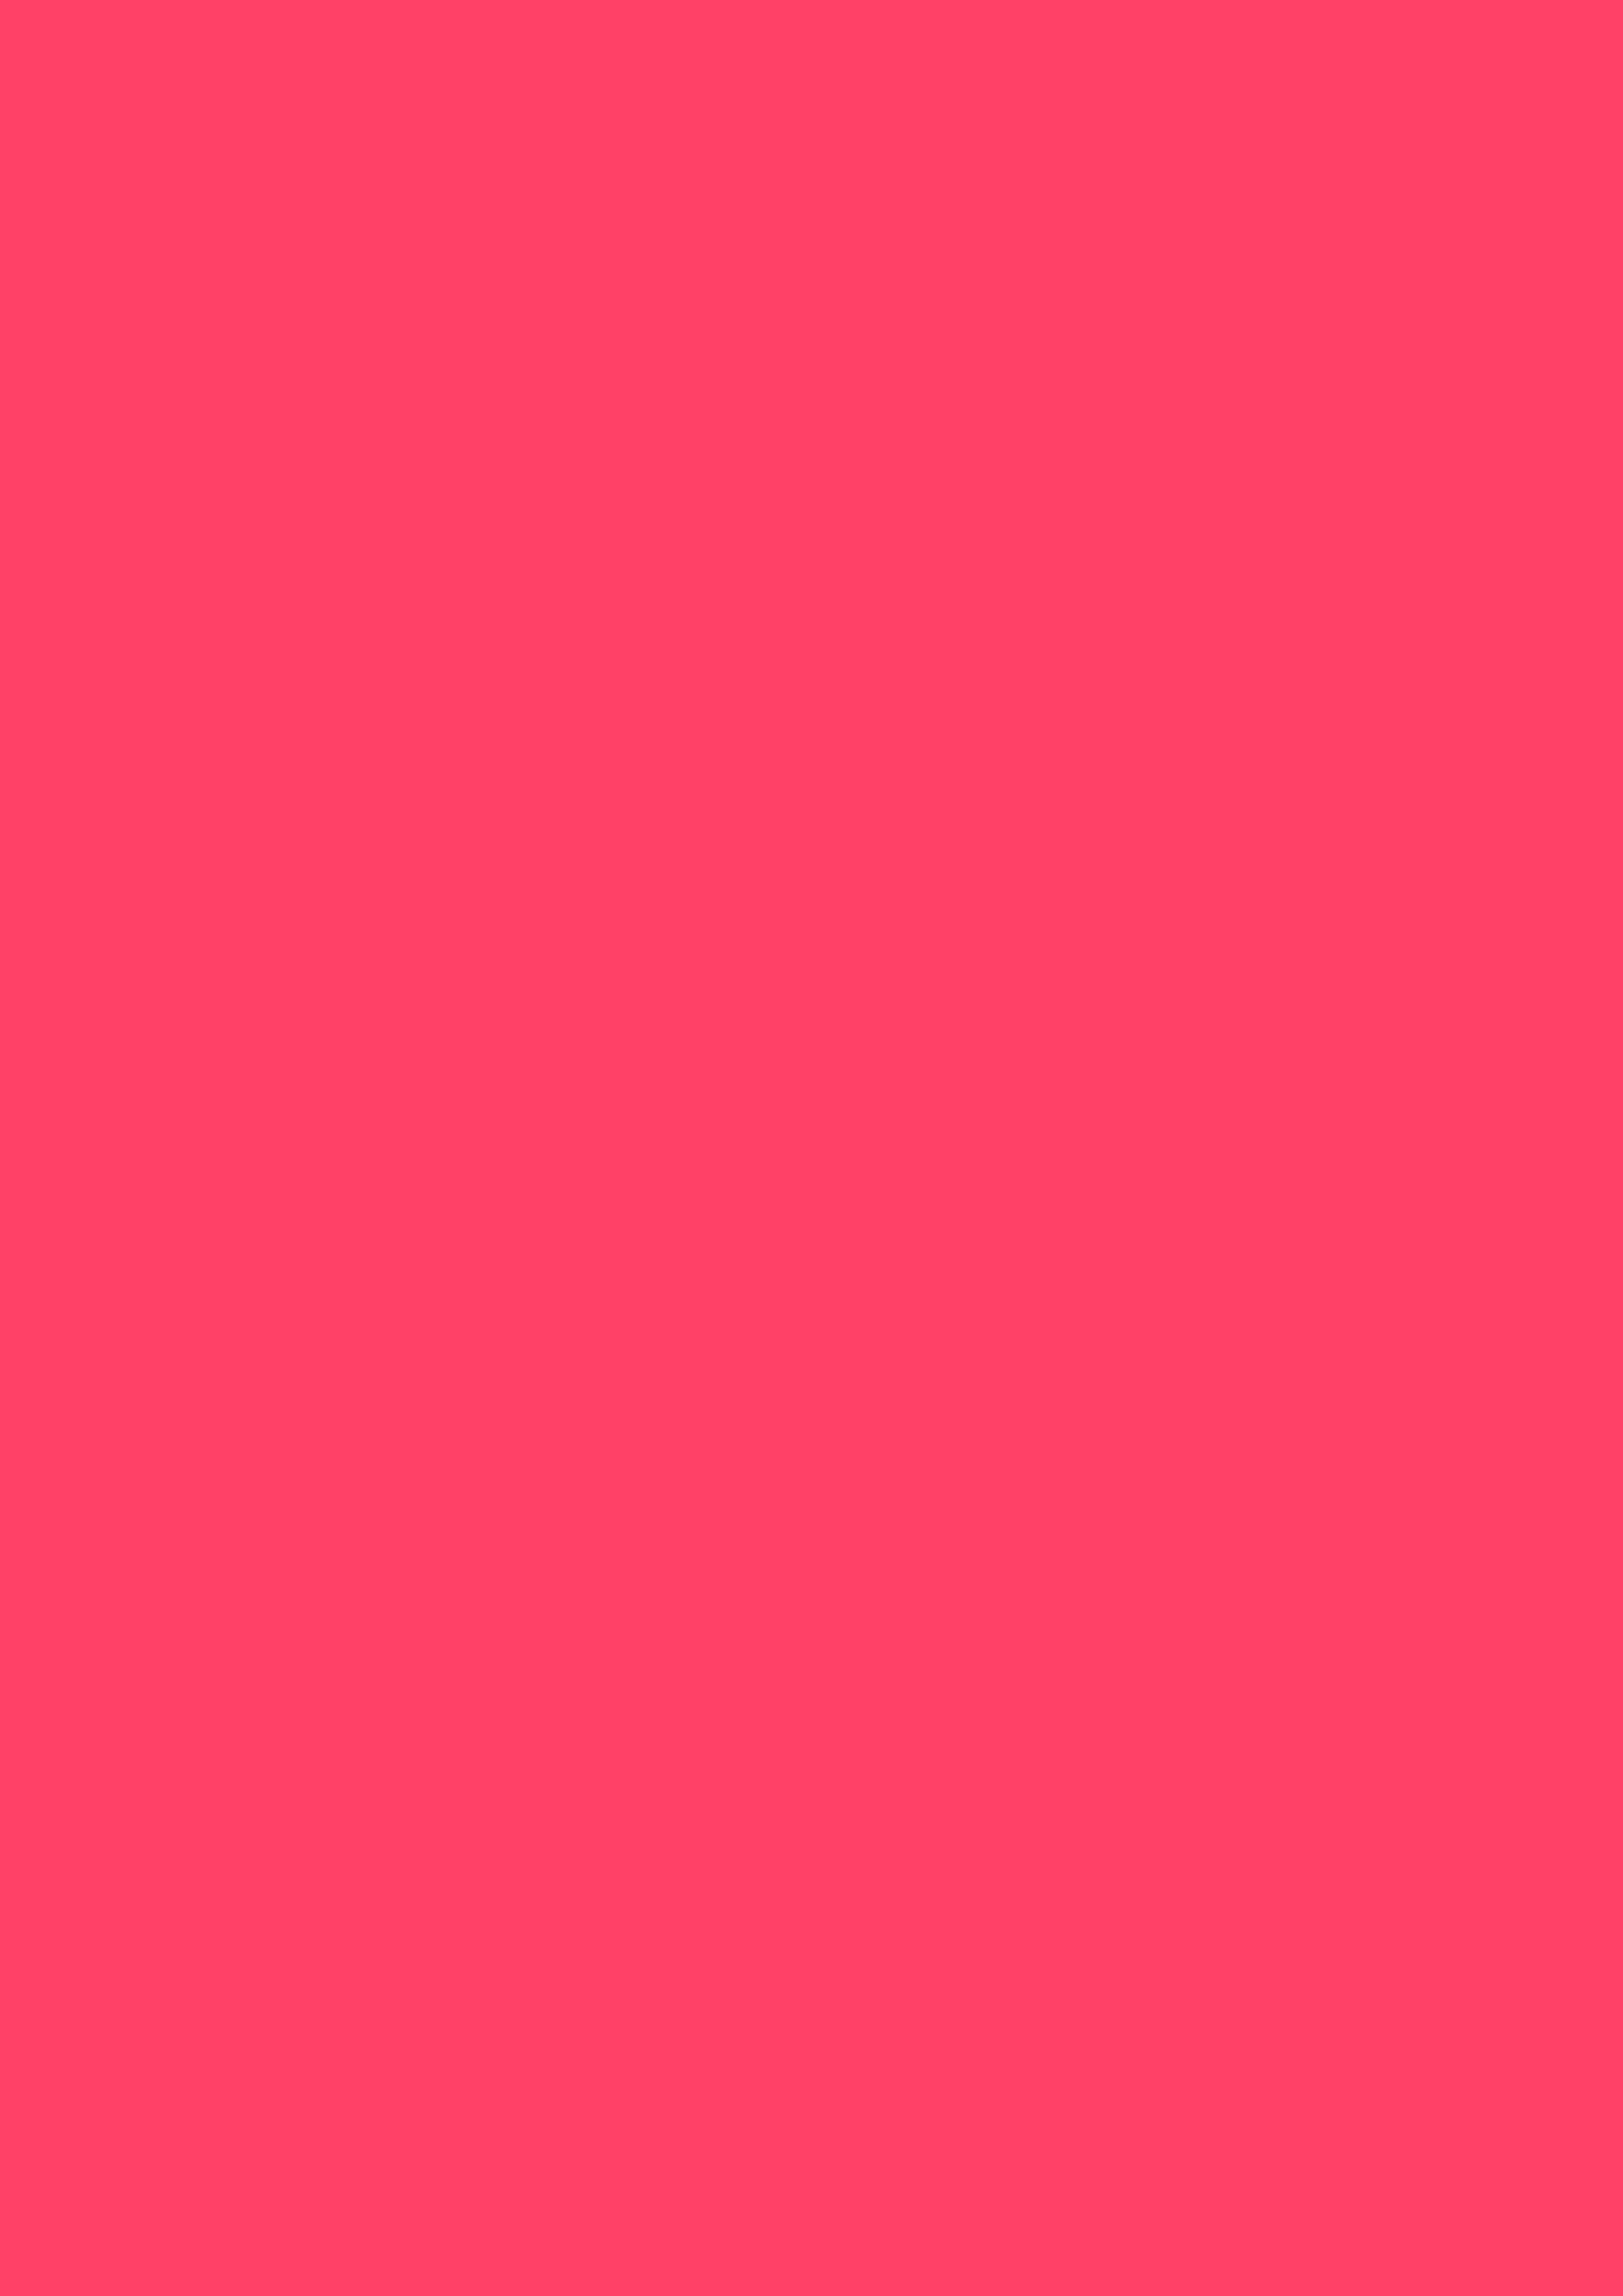 2480x3508 Neon Fuchsia Solid Color Background